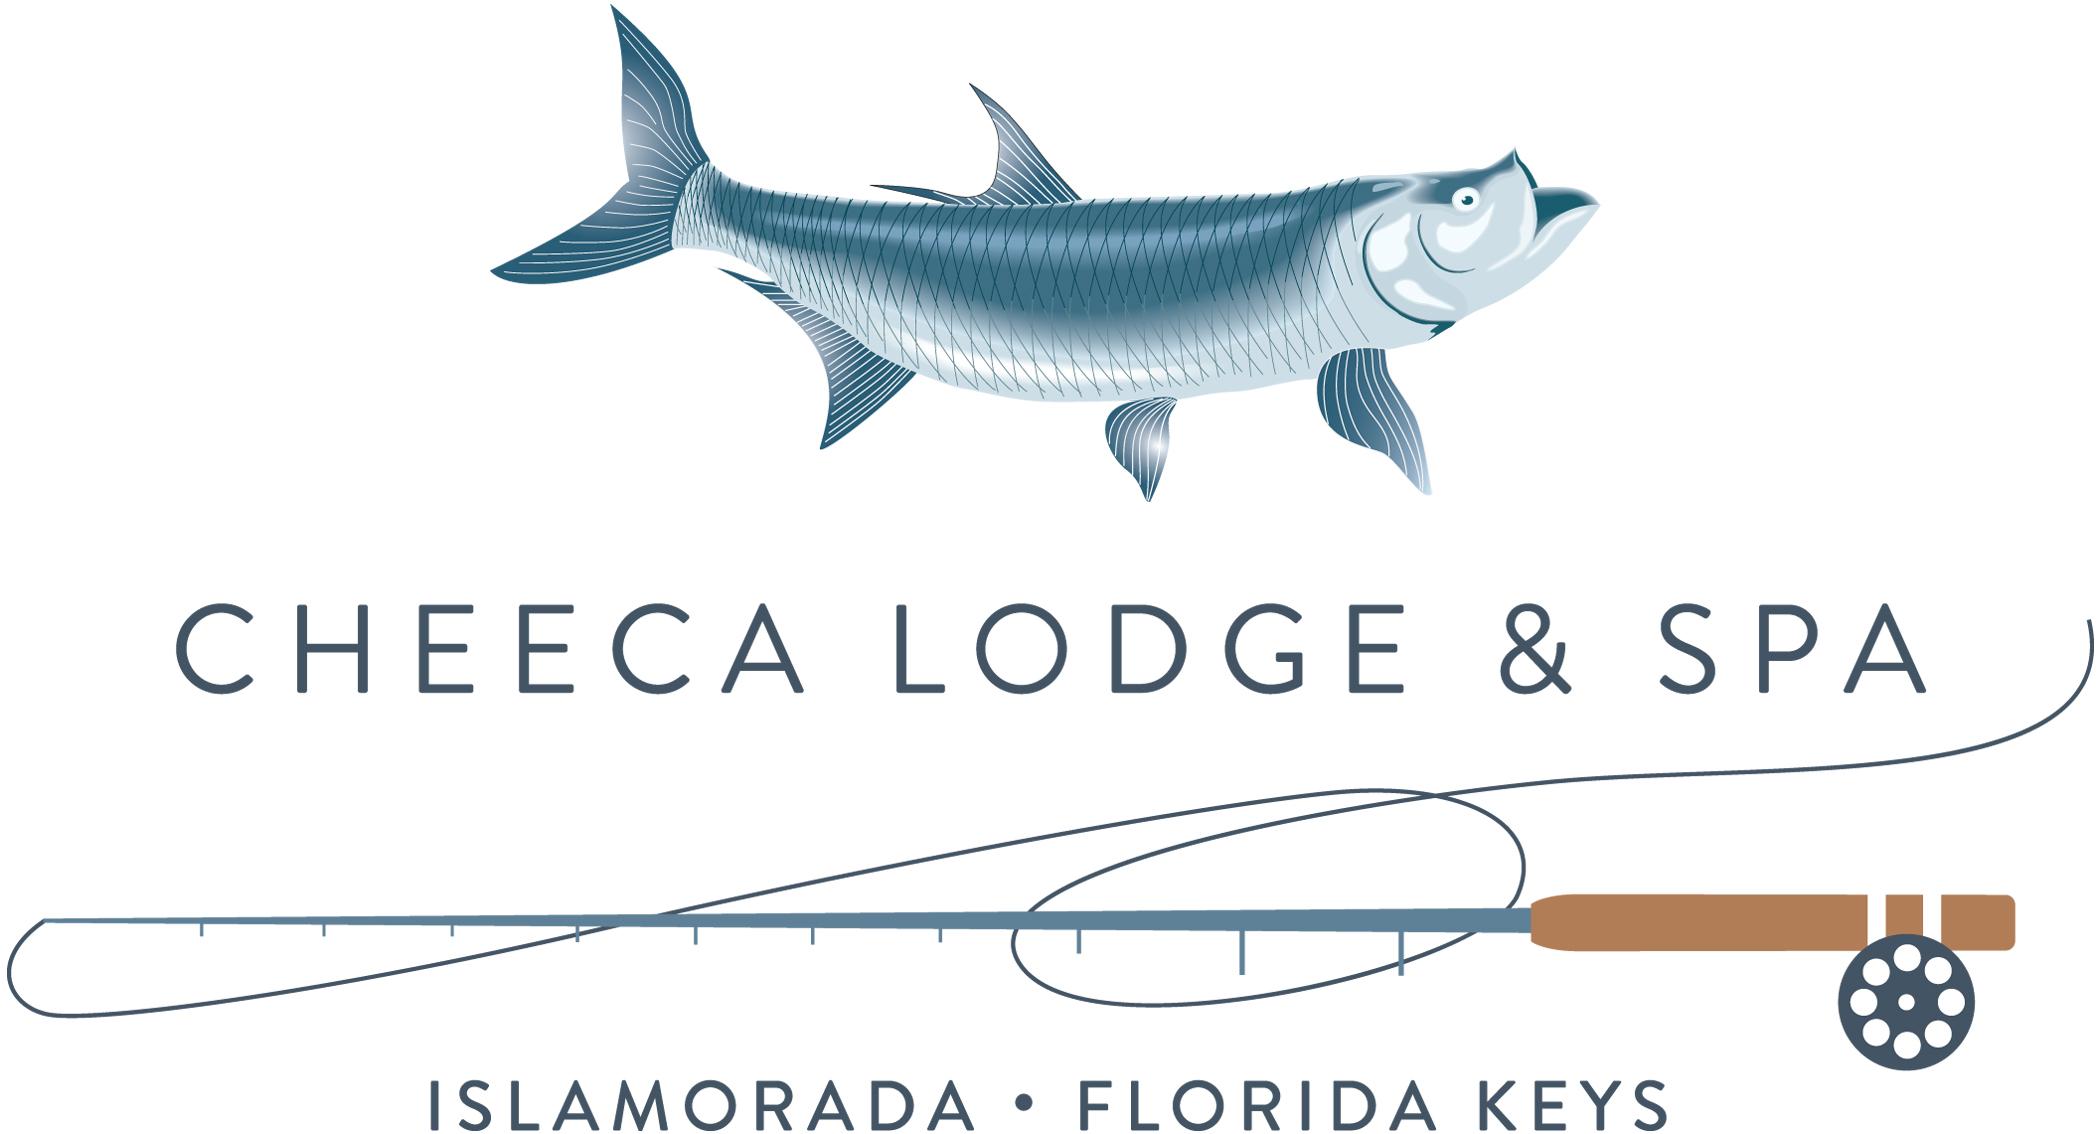 Seaside Florida Map.Florida Keys Resorts In Islamorada Cheeca Lodge Spa